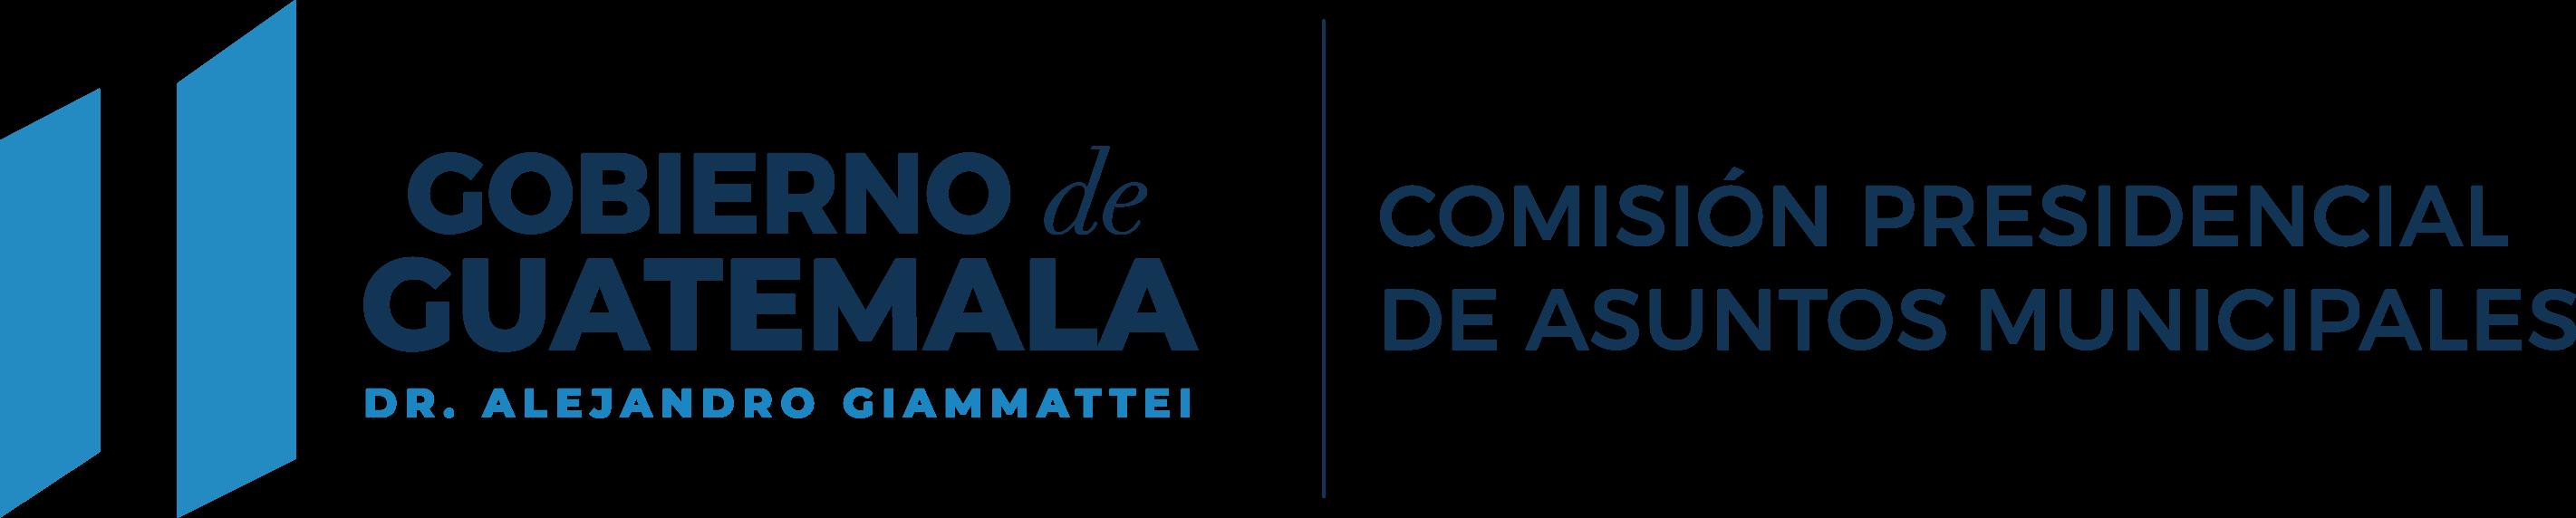 Comisión Presidencial de Asuntos Municipales